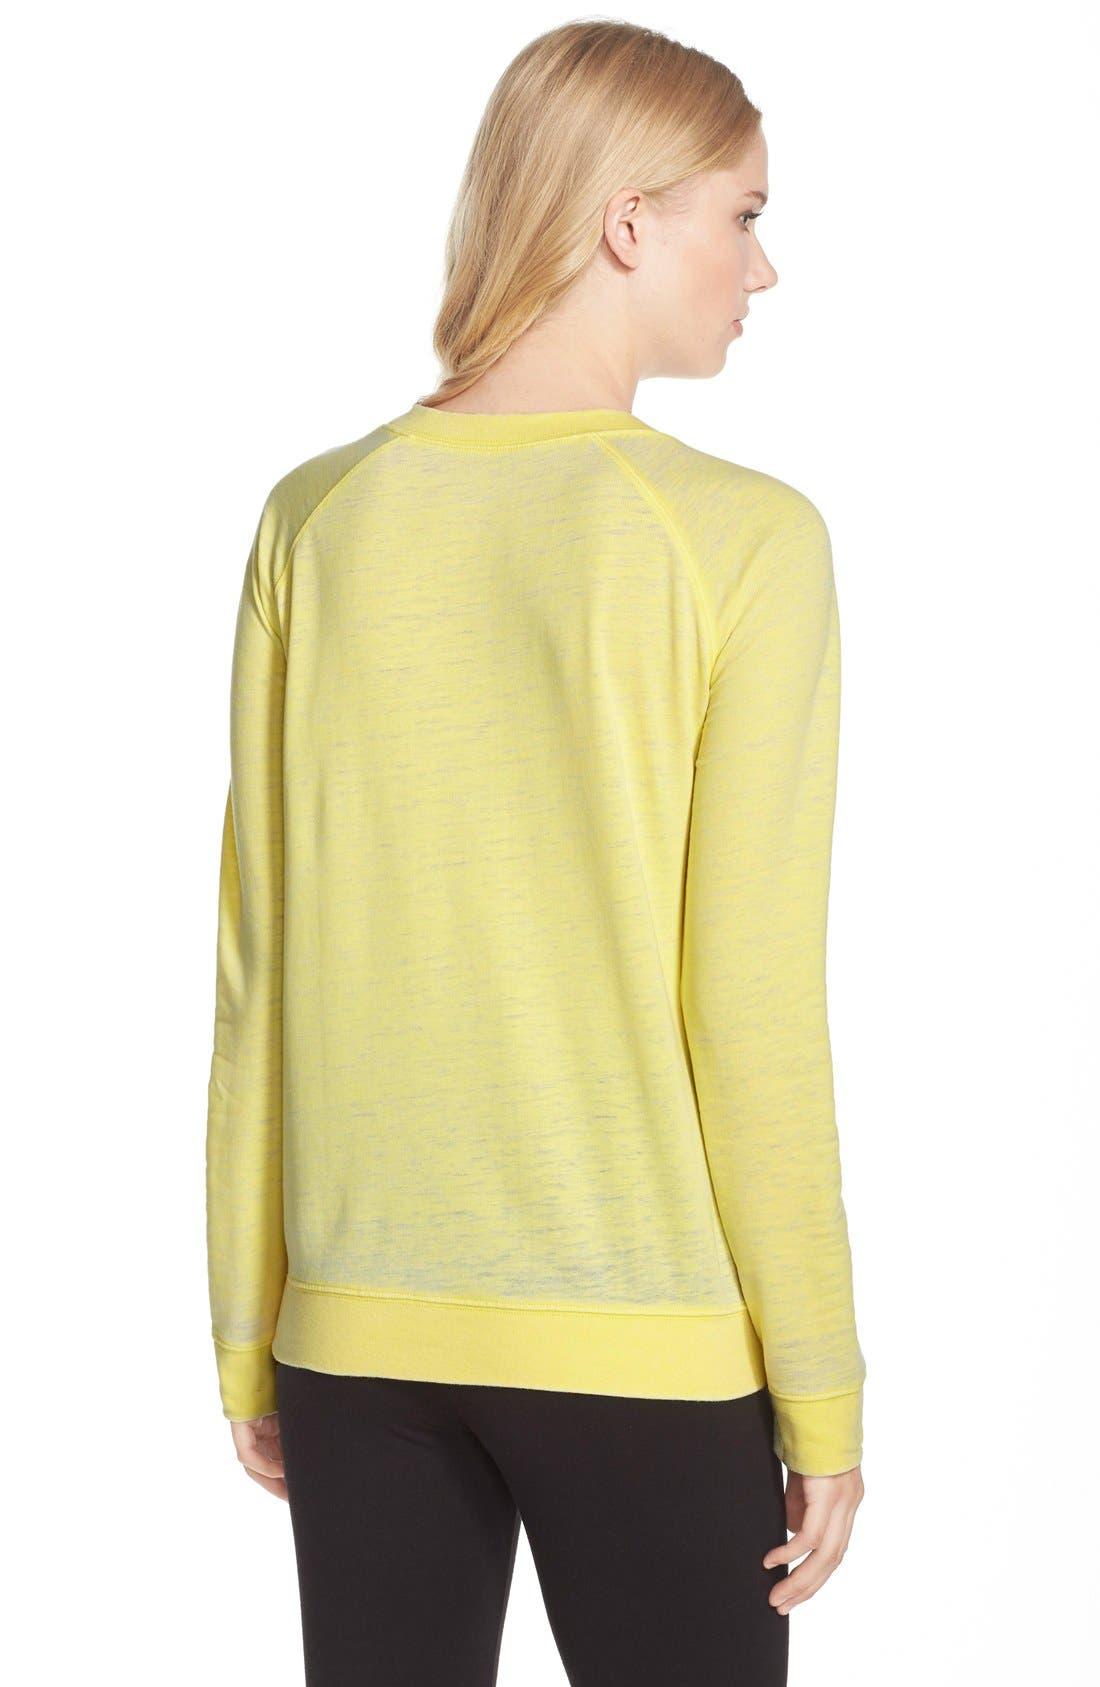 Burnout Lounge Sweatshirt,                             Alternate thumbnail 192, color,